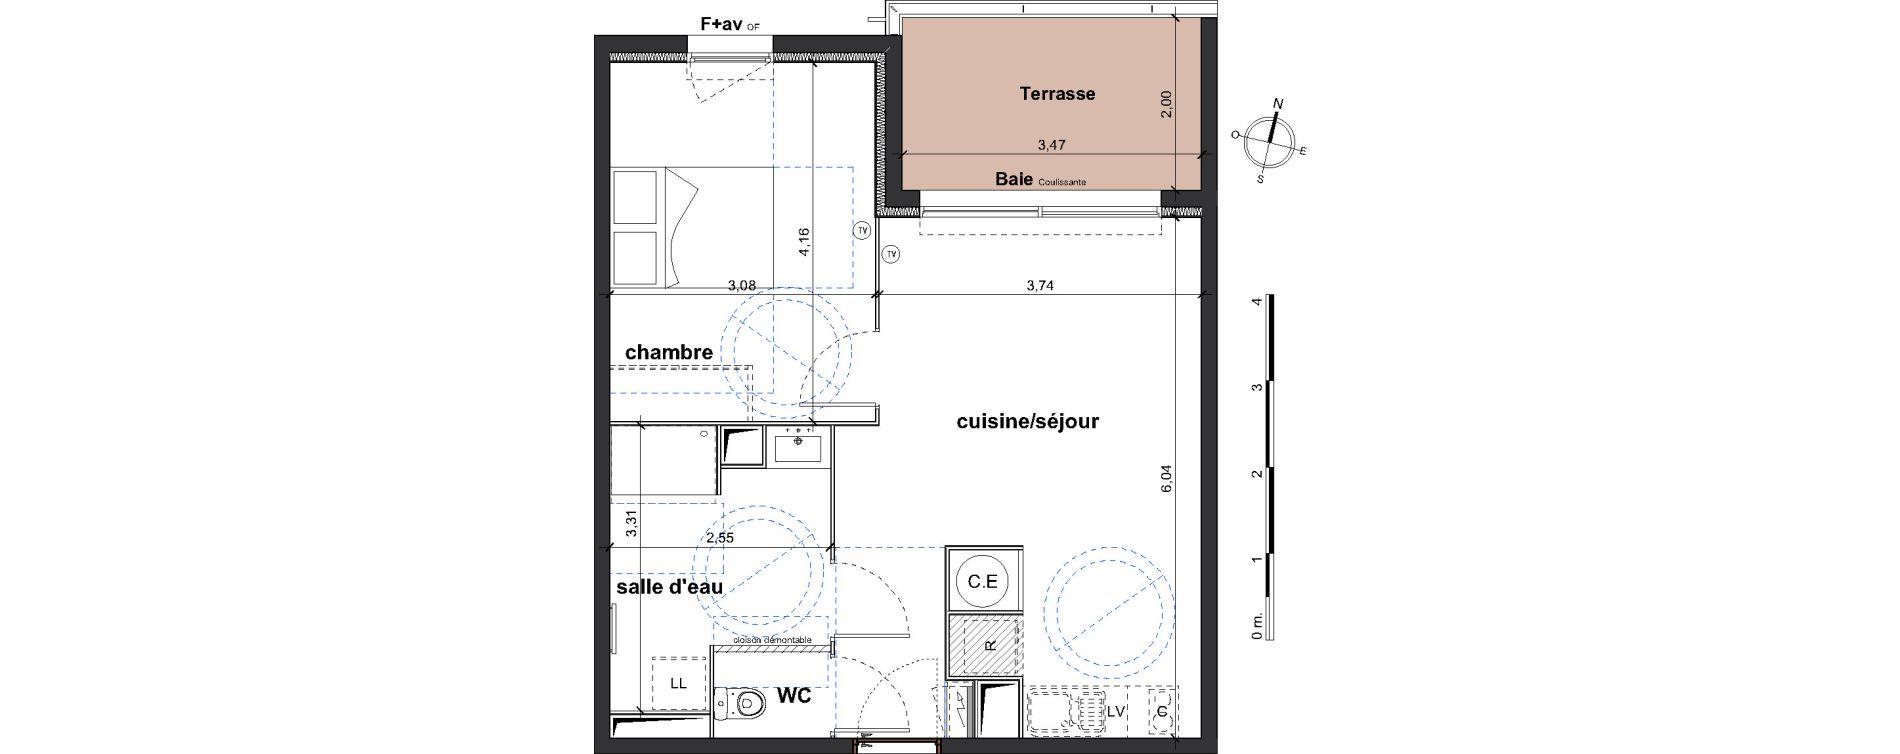 Appartement T2 de 44,95 m2 à Vergèze Centre